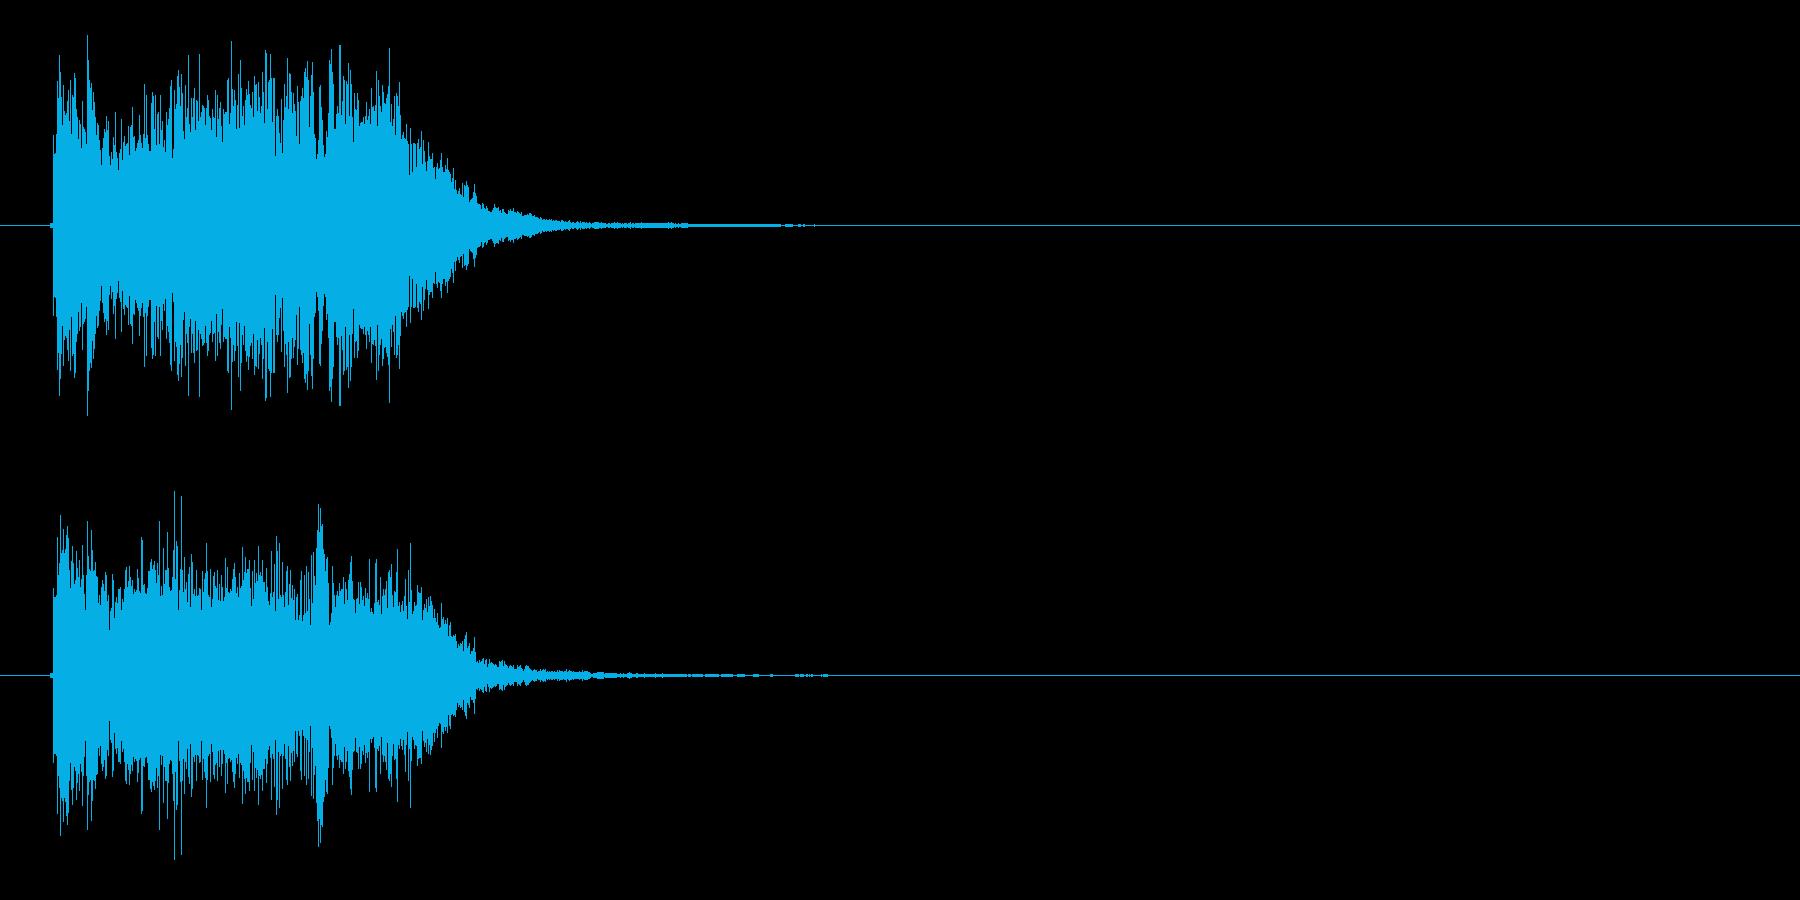 一発ものの効果音的な音楽の再生済みの波形